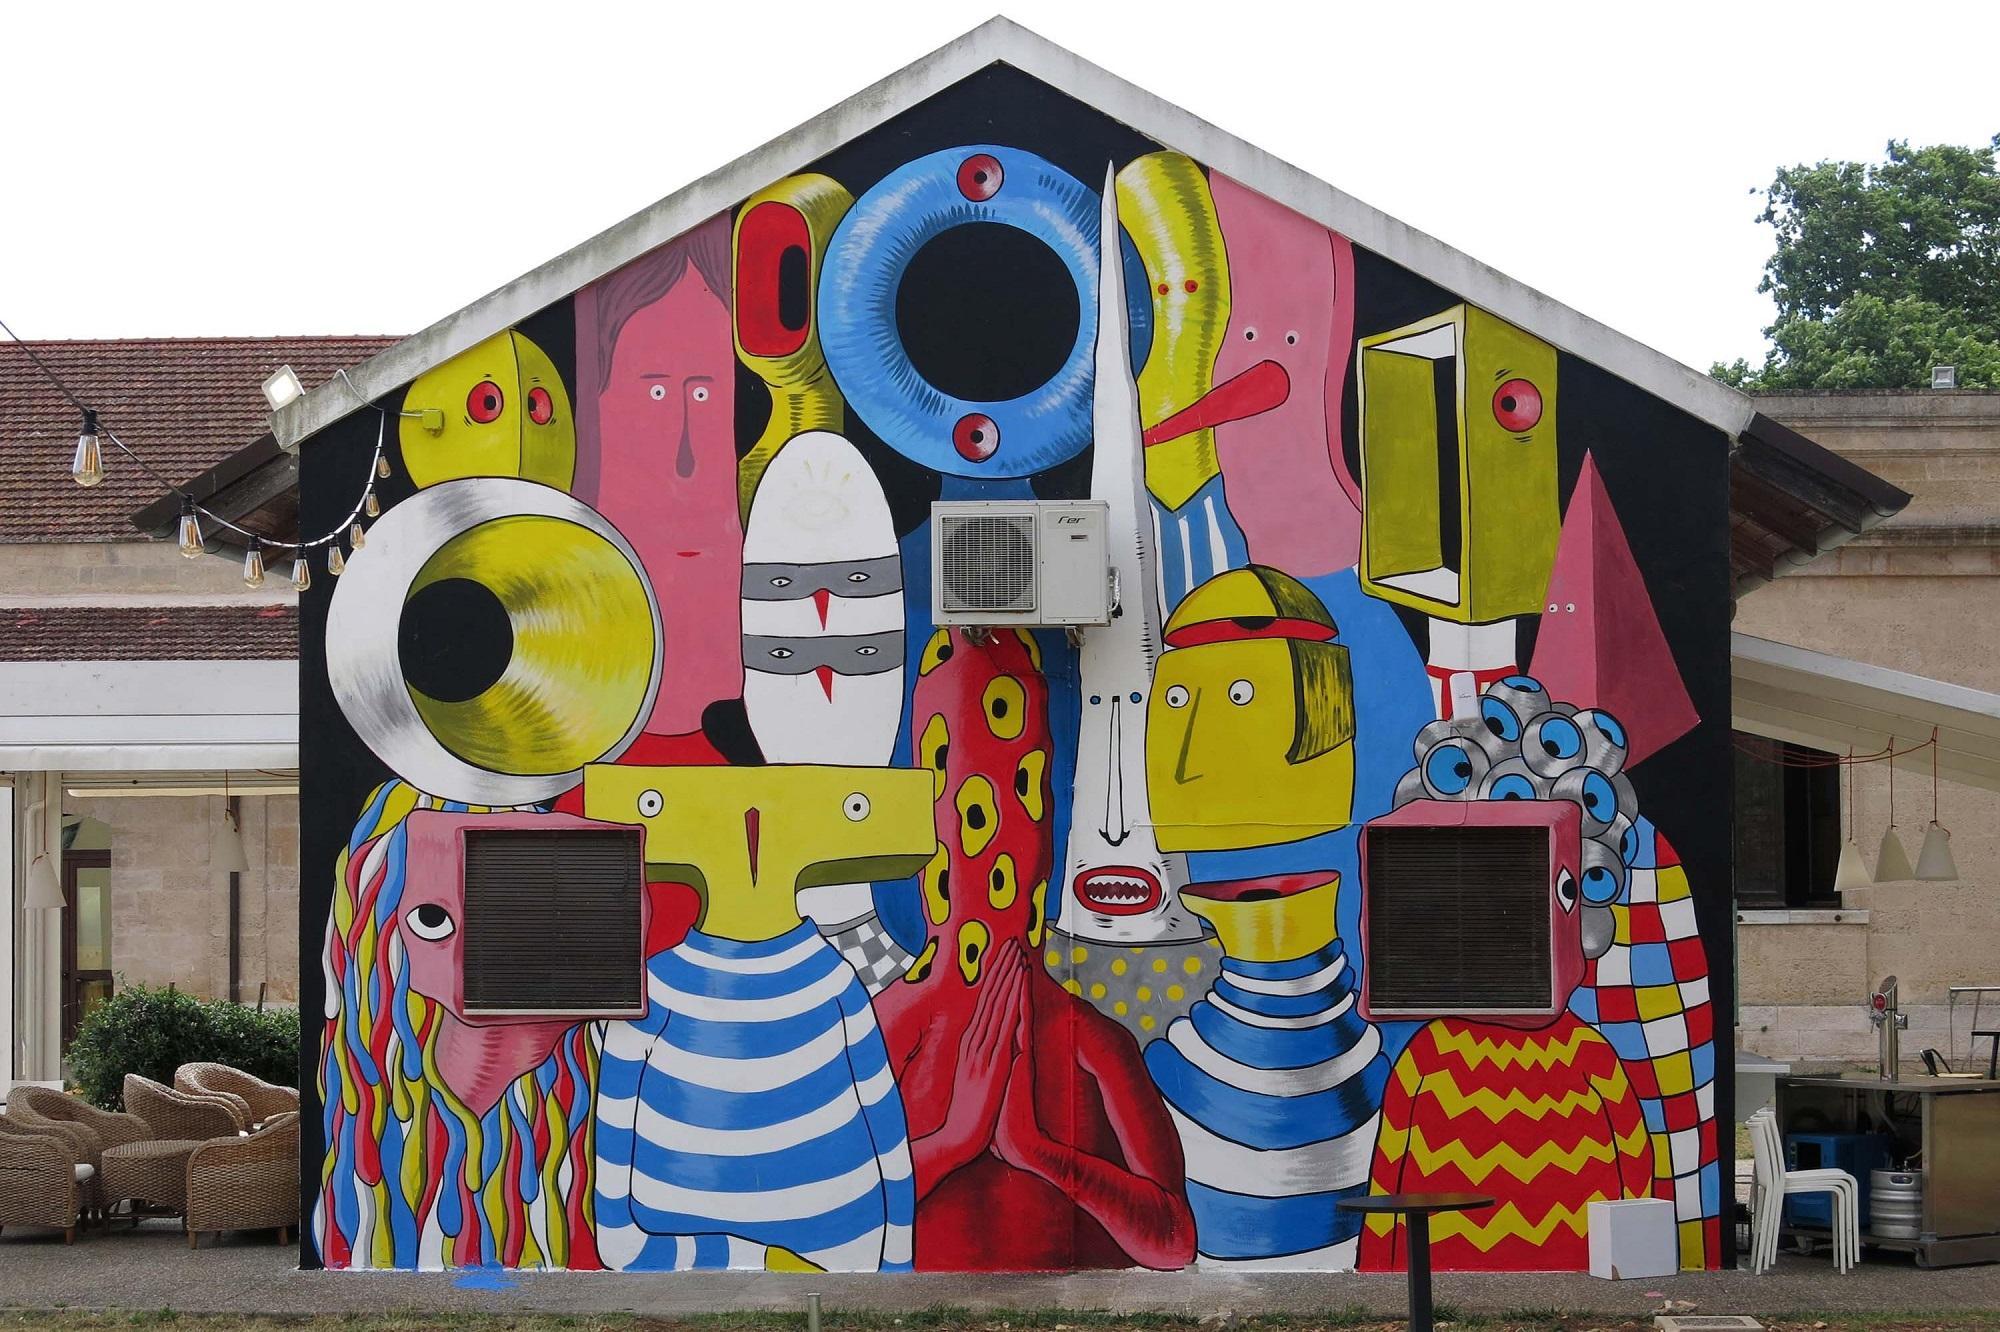 Gods in Love Raffaele Fiorella San Vito dei Normanni Murales Street Art